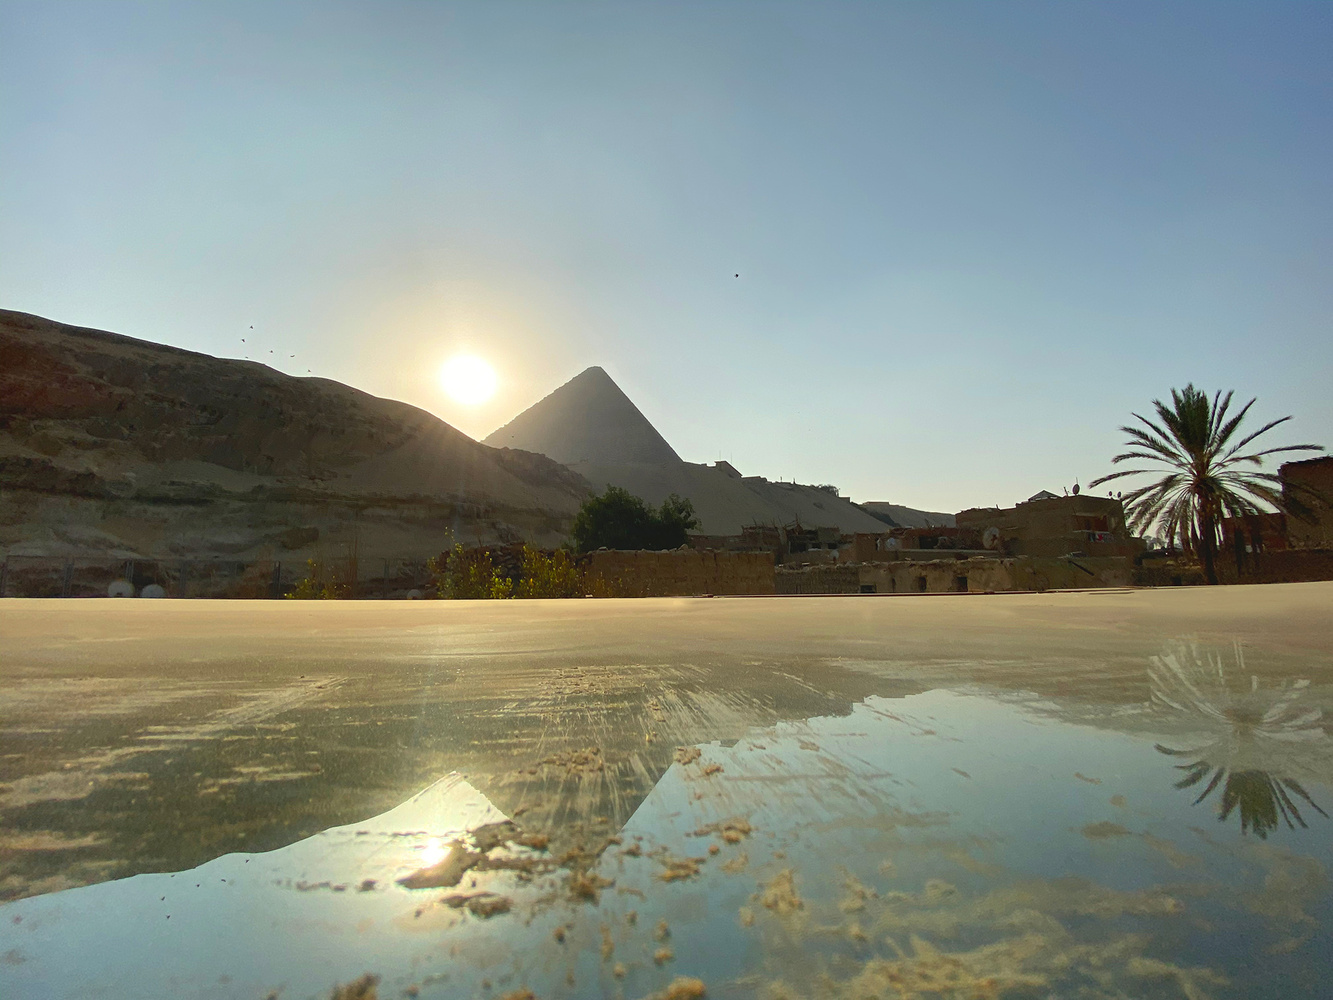 מצפה הכוכבים של סטודיו מלכה בגיזה, בהשראת הפירמידה הגדולה